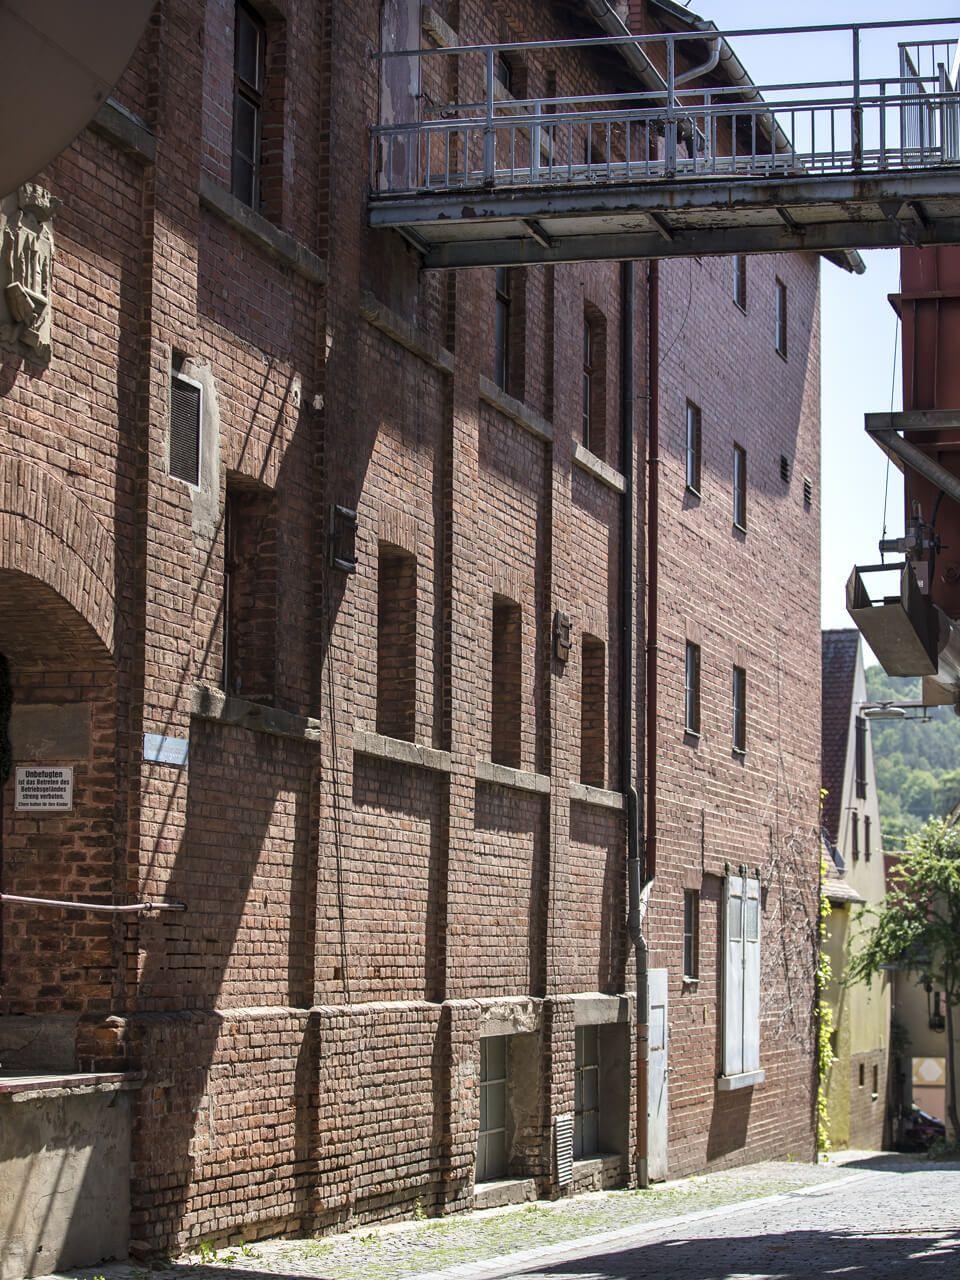 Die Mälzerei: Ein stattliches Gebäude ist die ehemalige Mälzerei. Hier wurde bis 1990 Braugerste zu Malz verarbeitet.